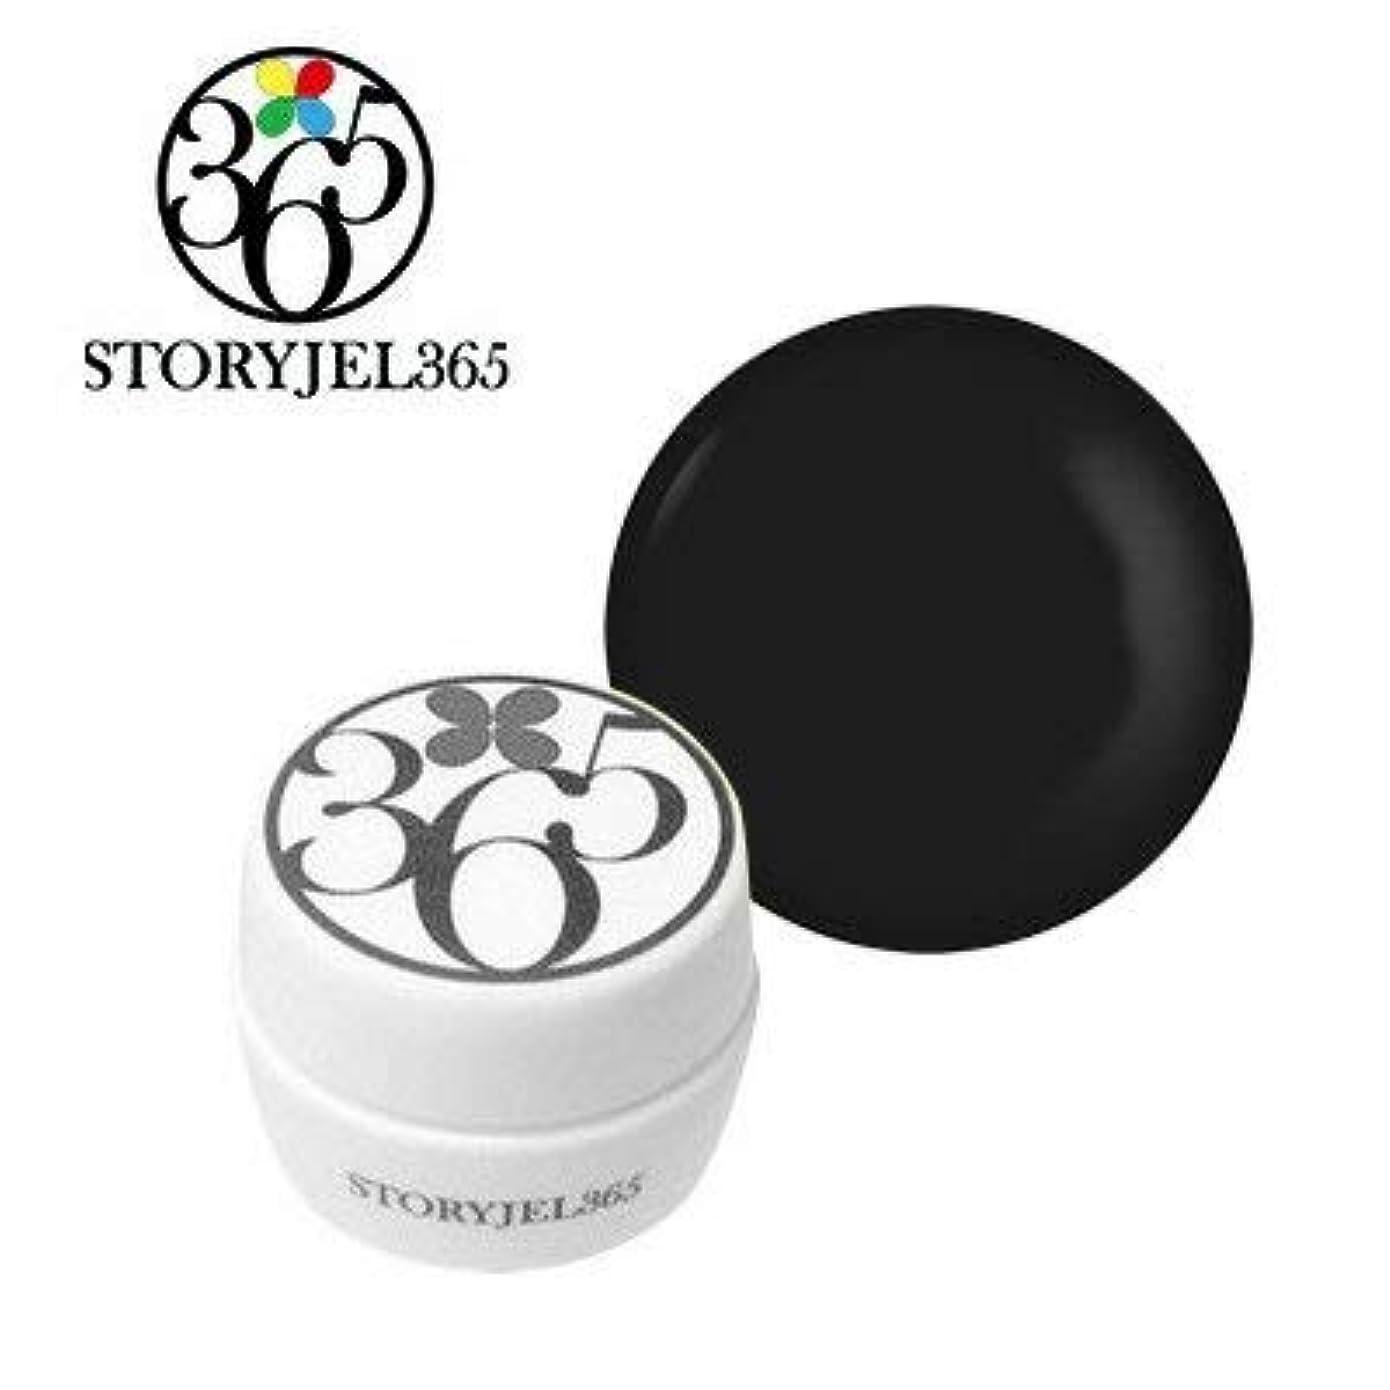 チャートに対応する先行するSTORYJEL365 カラージェル 5g (ストーリージェル) SJS-301M-D 聖なる石